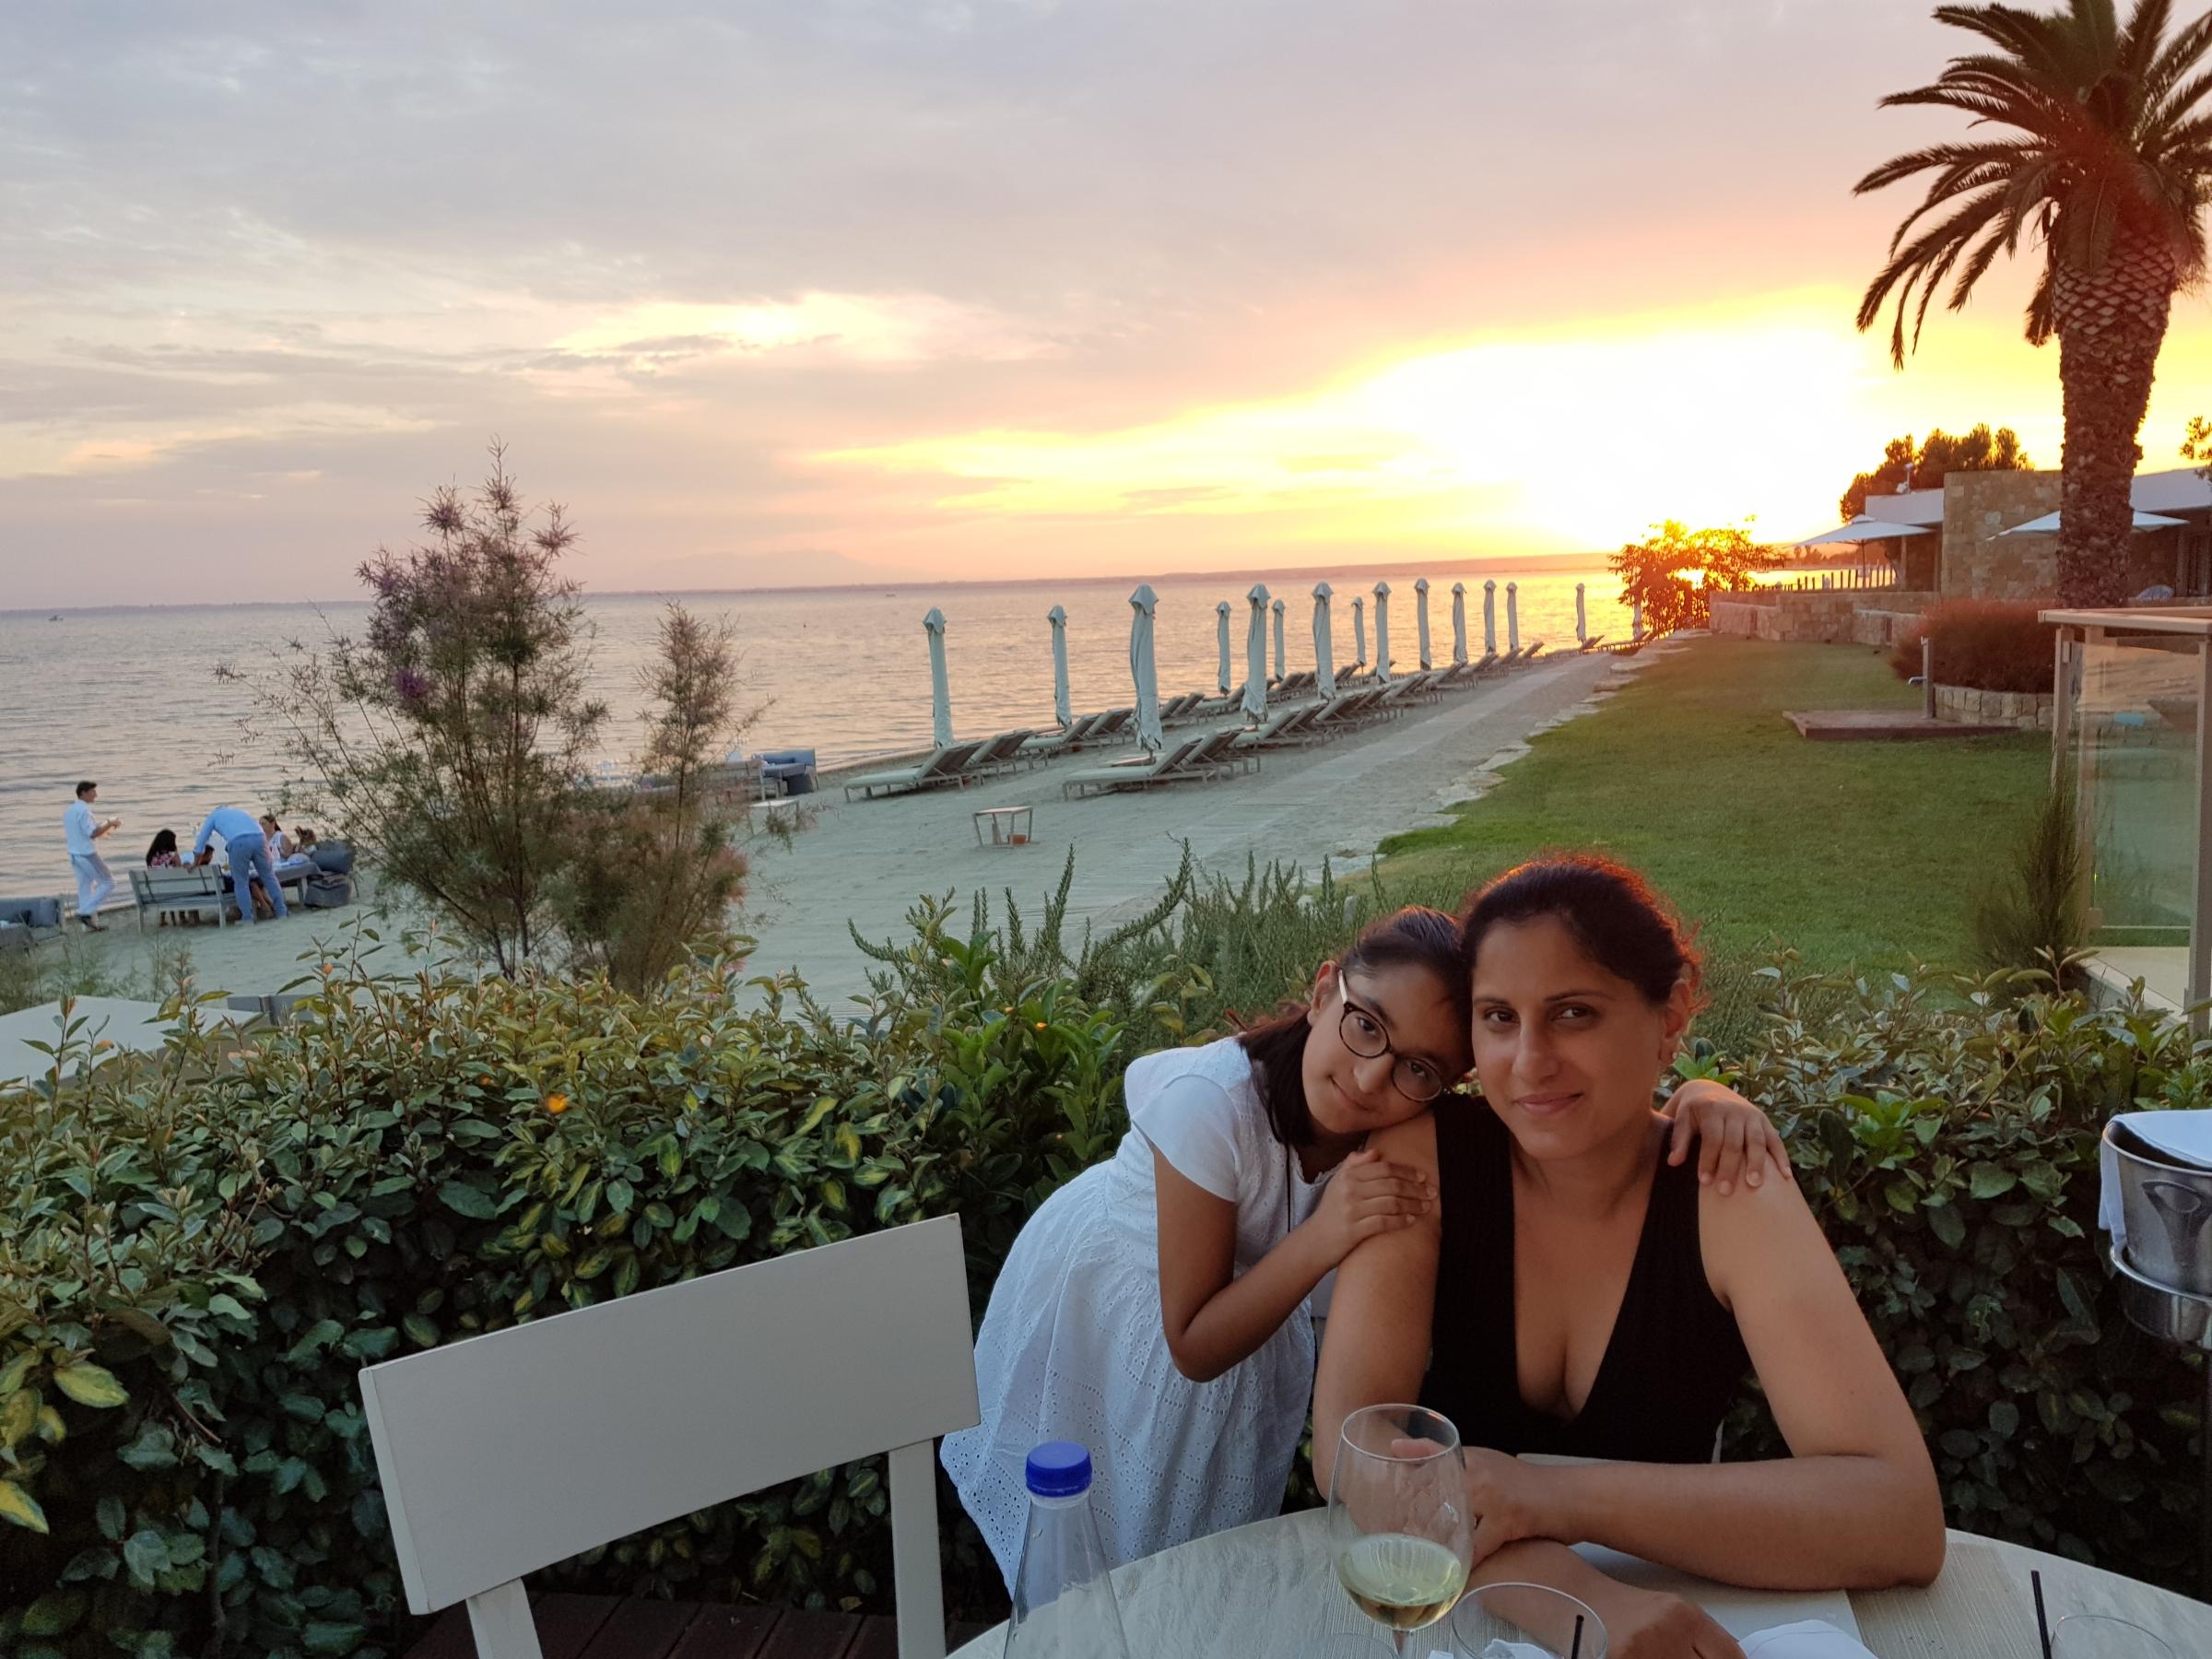 Sheetal and daughter Naisha